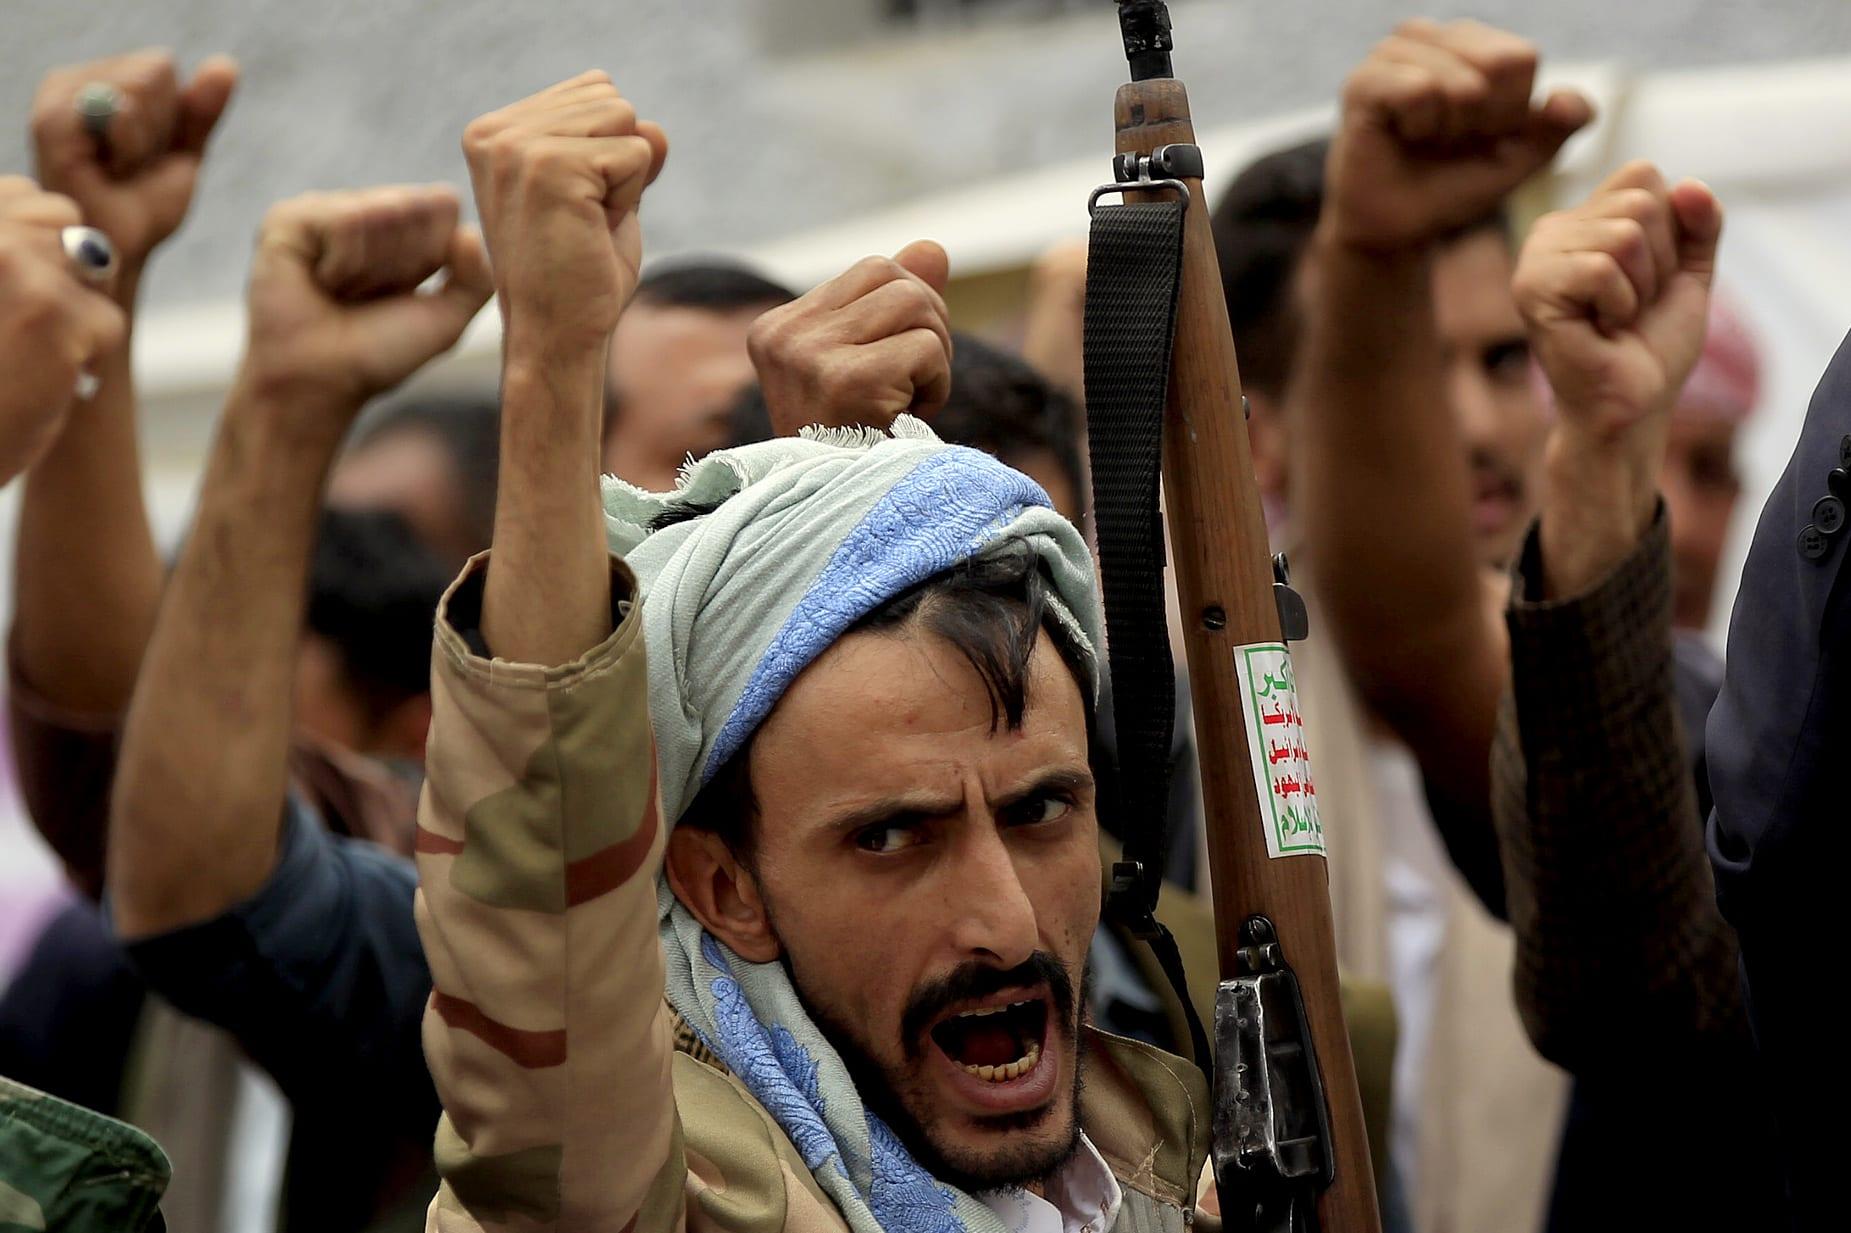 """الأزهر يعلق على منع إقامة صلاة التراويح بقوة السلاح في بعض مناطق اليمن وفرض """"مذهب ديني معين"""""""